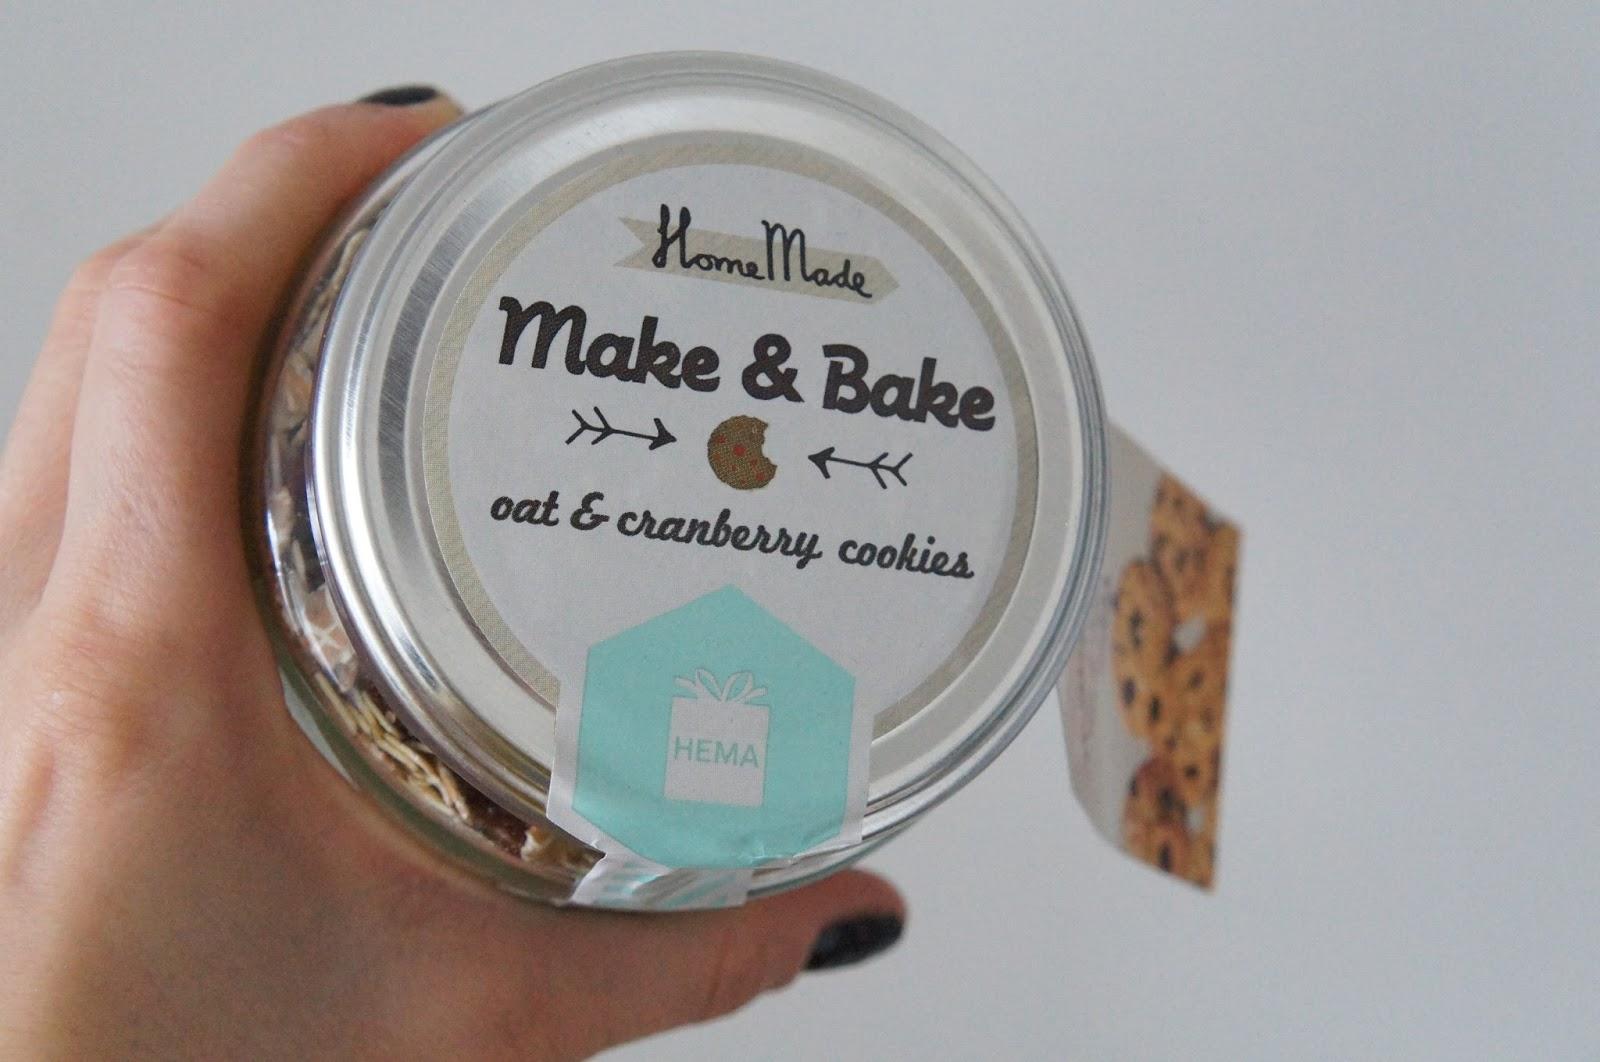 Alice mc cloud cookies avoine cranberry de chez hema - Hema ouvert dimanche ...